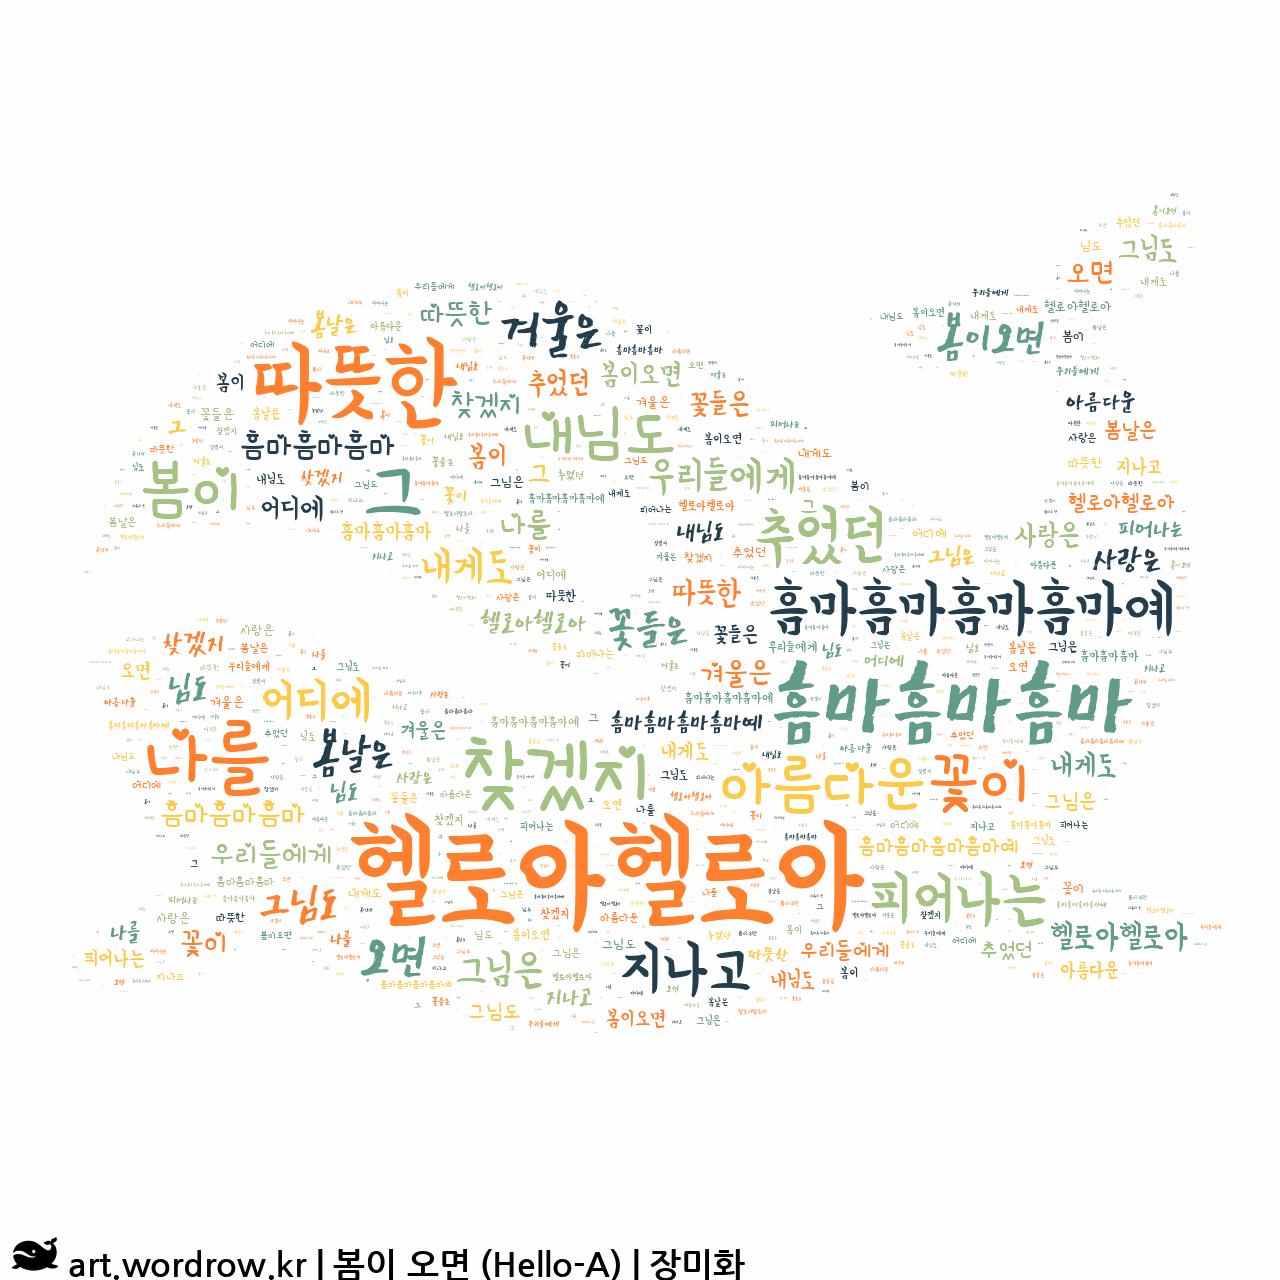 워드 클라우드: 봄이 오면 (Hello-A) [장미화]-22